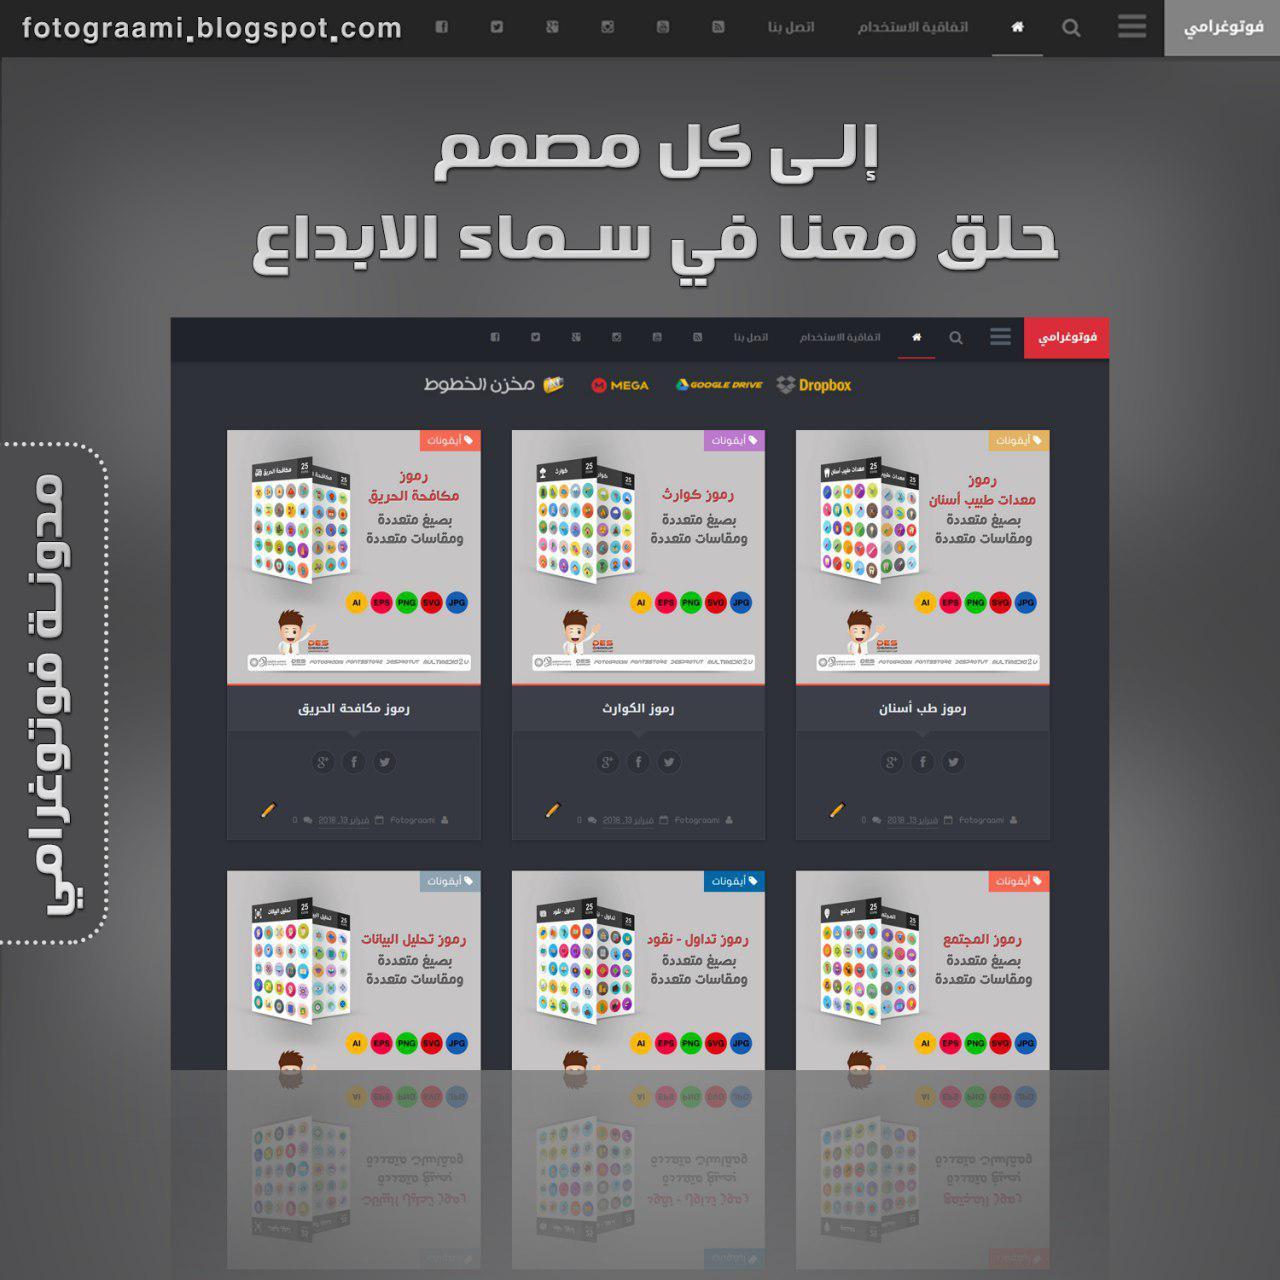 مدونة فوتوغرامي لدعم المصممين